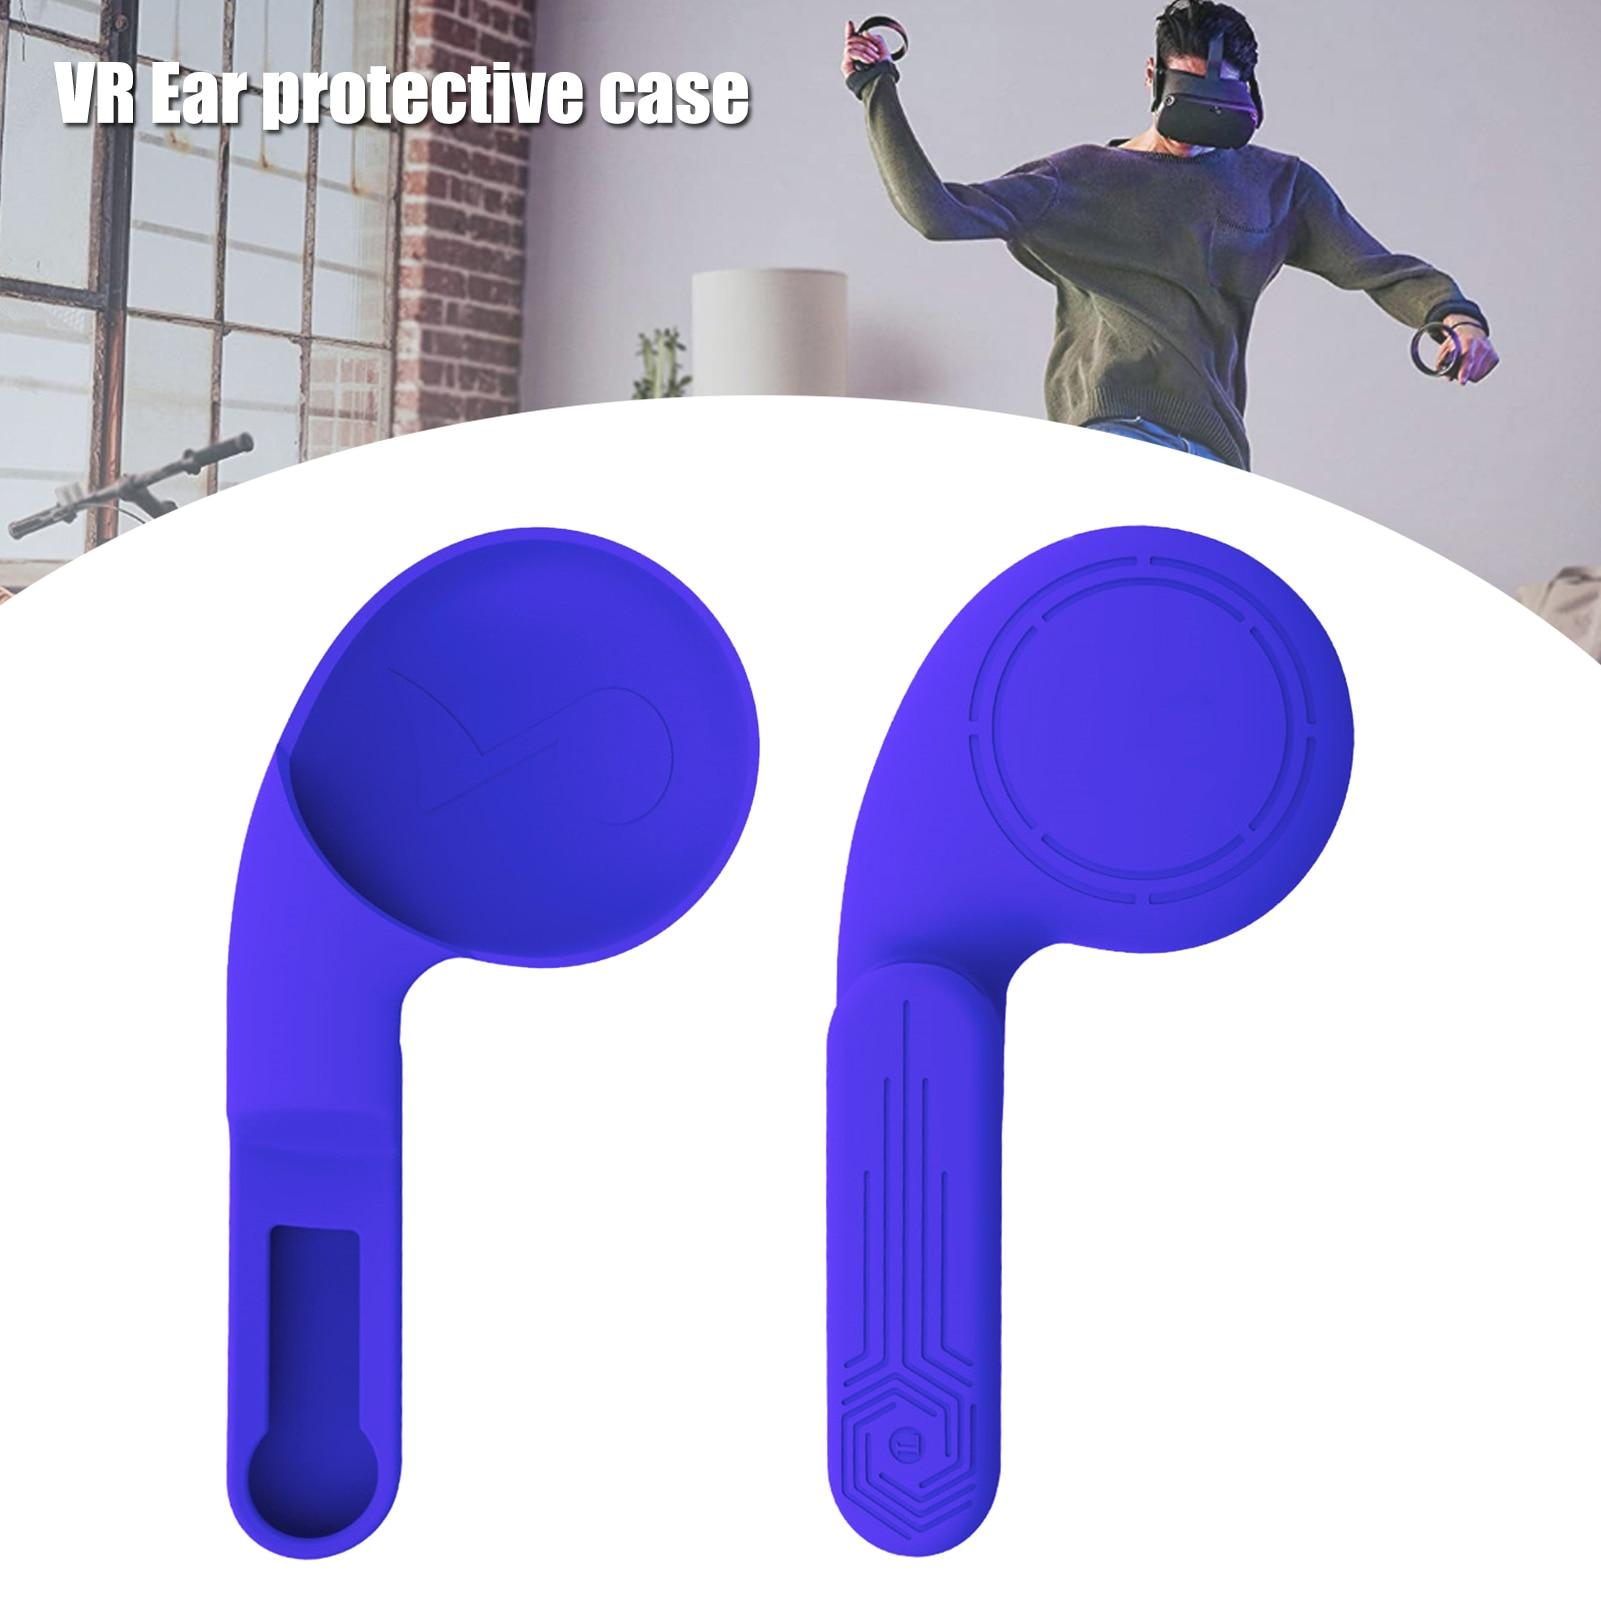 Acessórios de óculos VR/AR